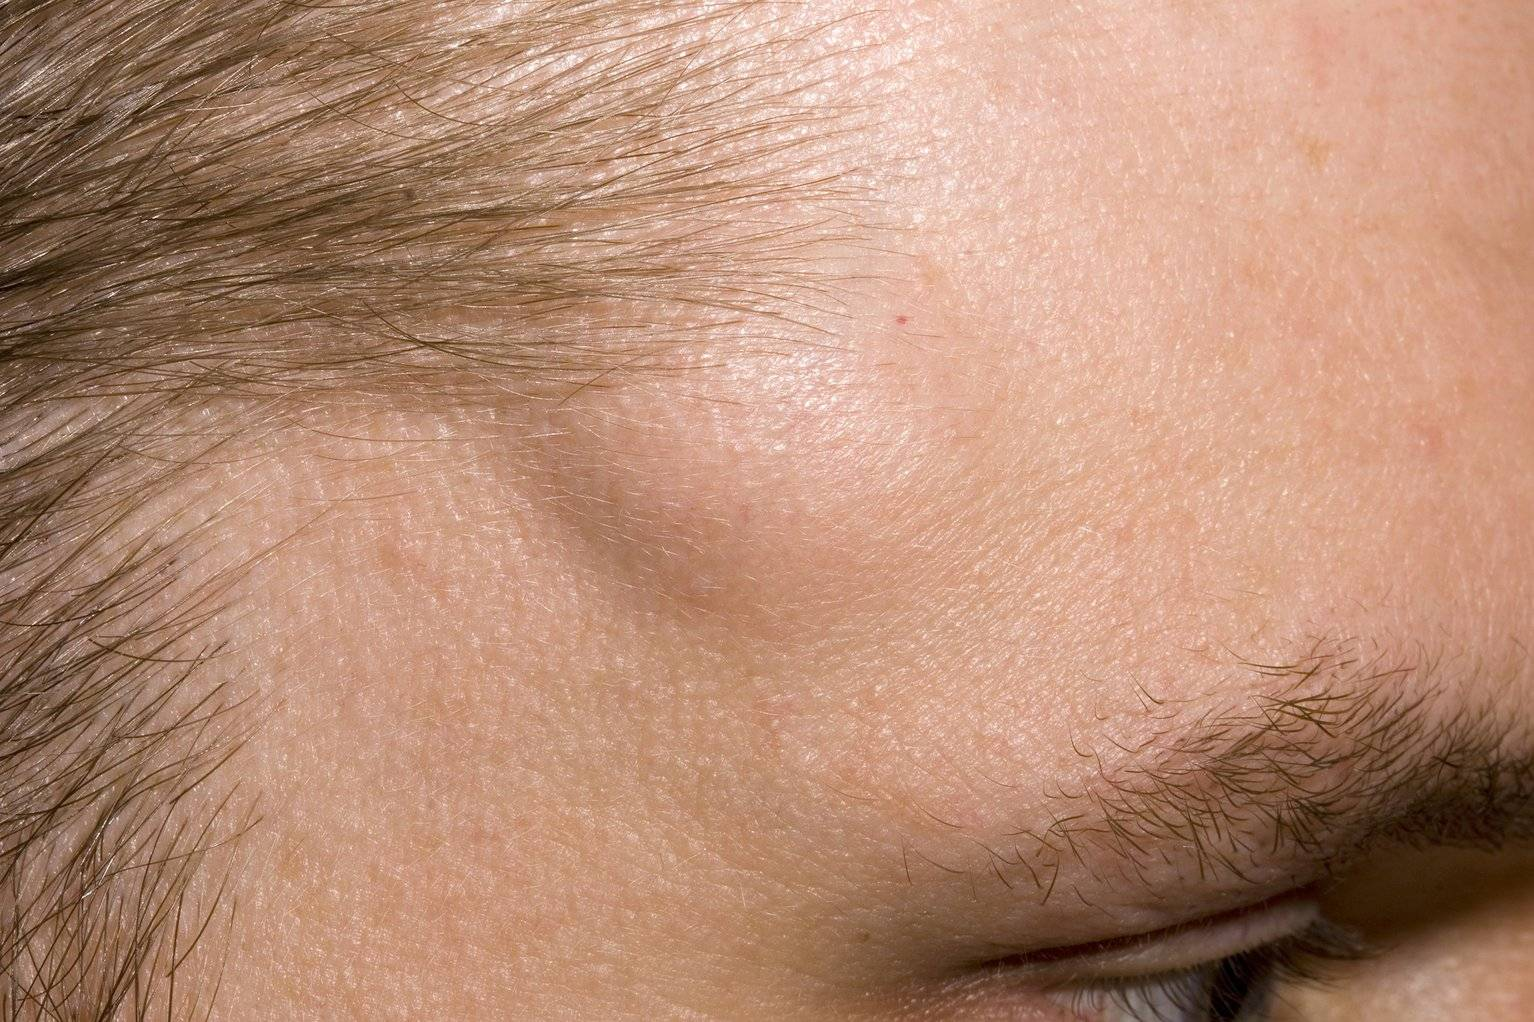 Атерома волосистой части головы: методы лечения у детей и взрослых